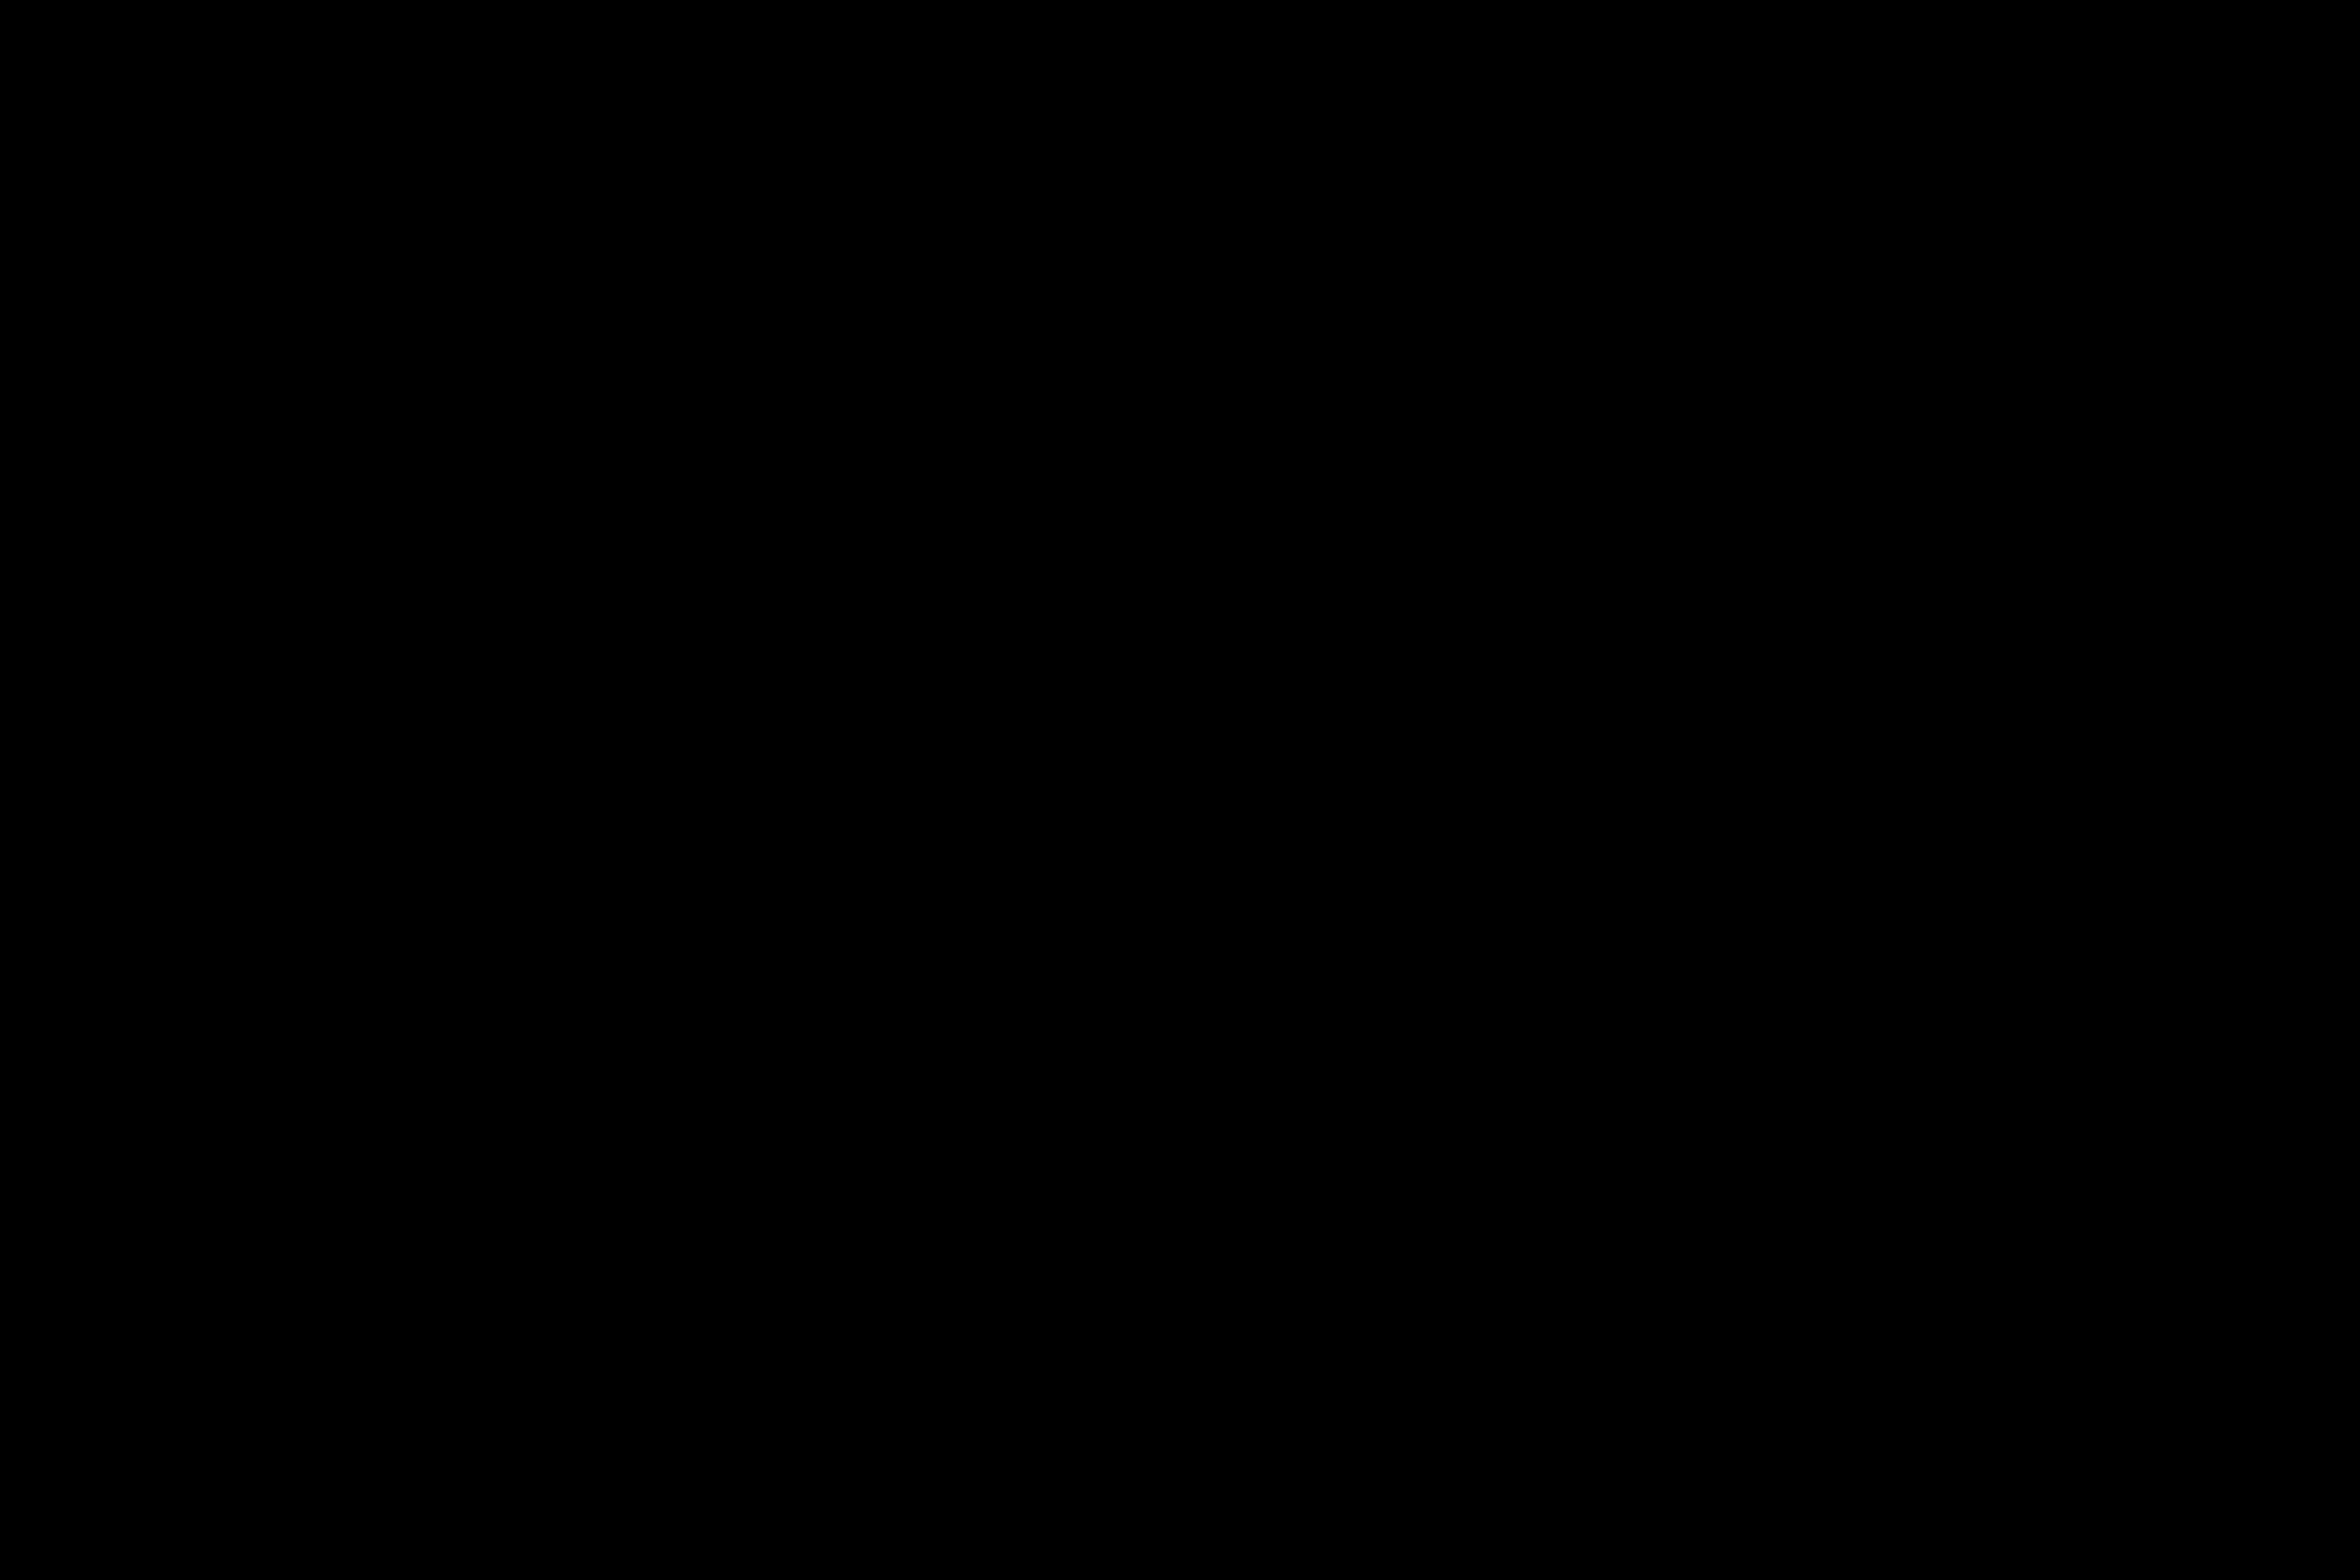 2011 Camera Man shooting on digital video camera.jpg